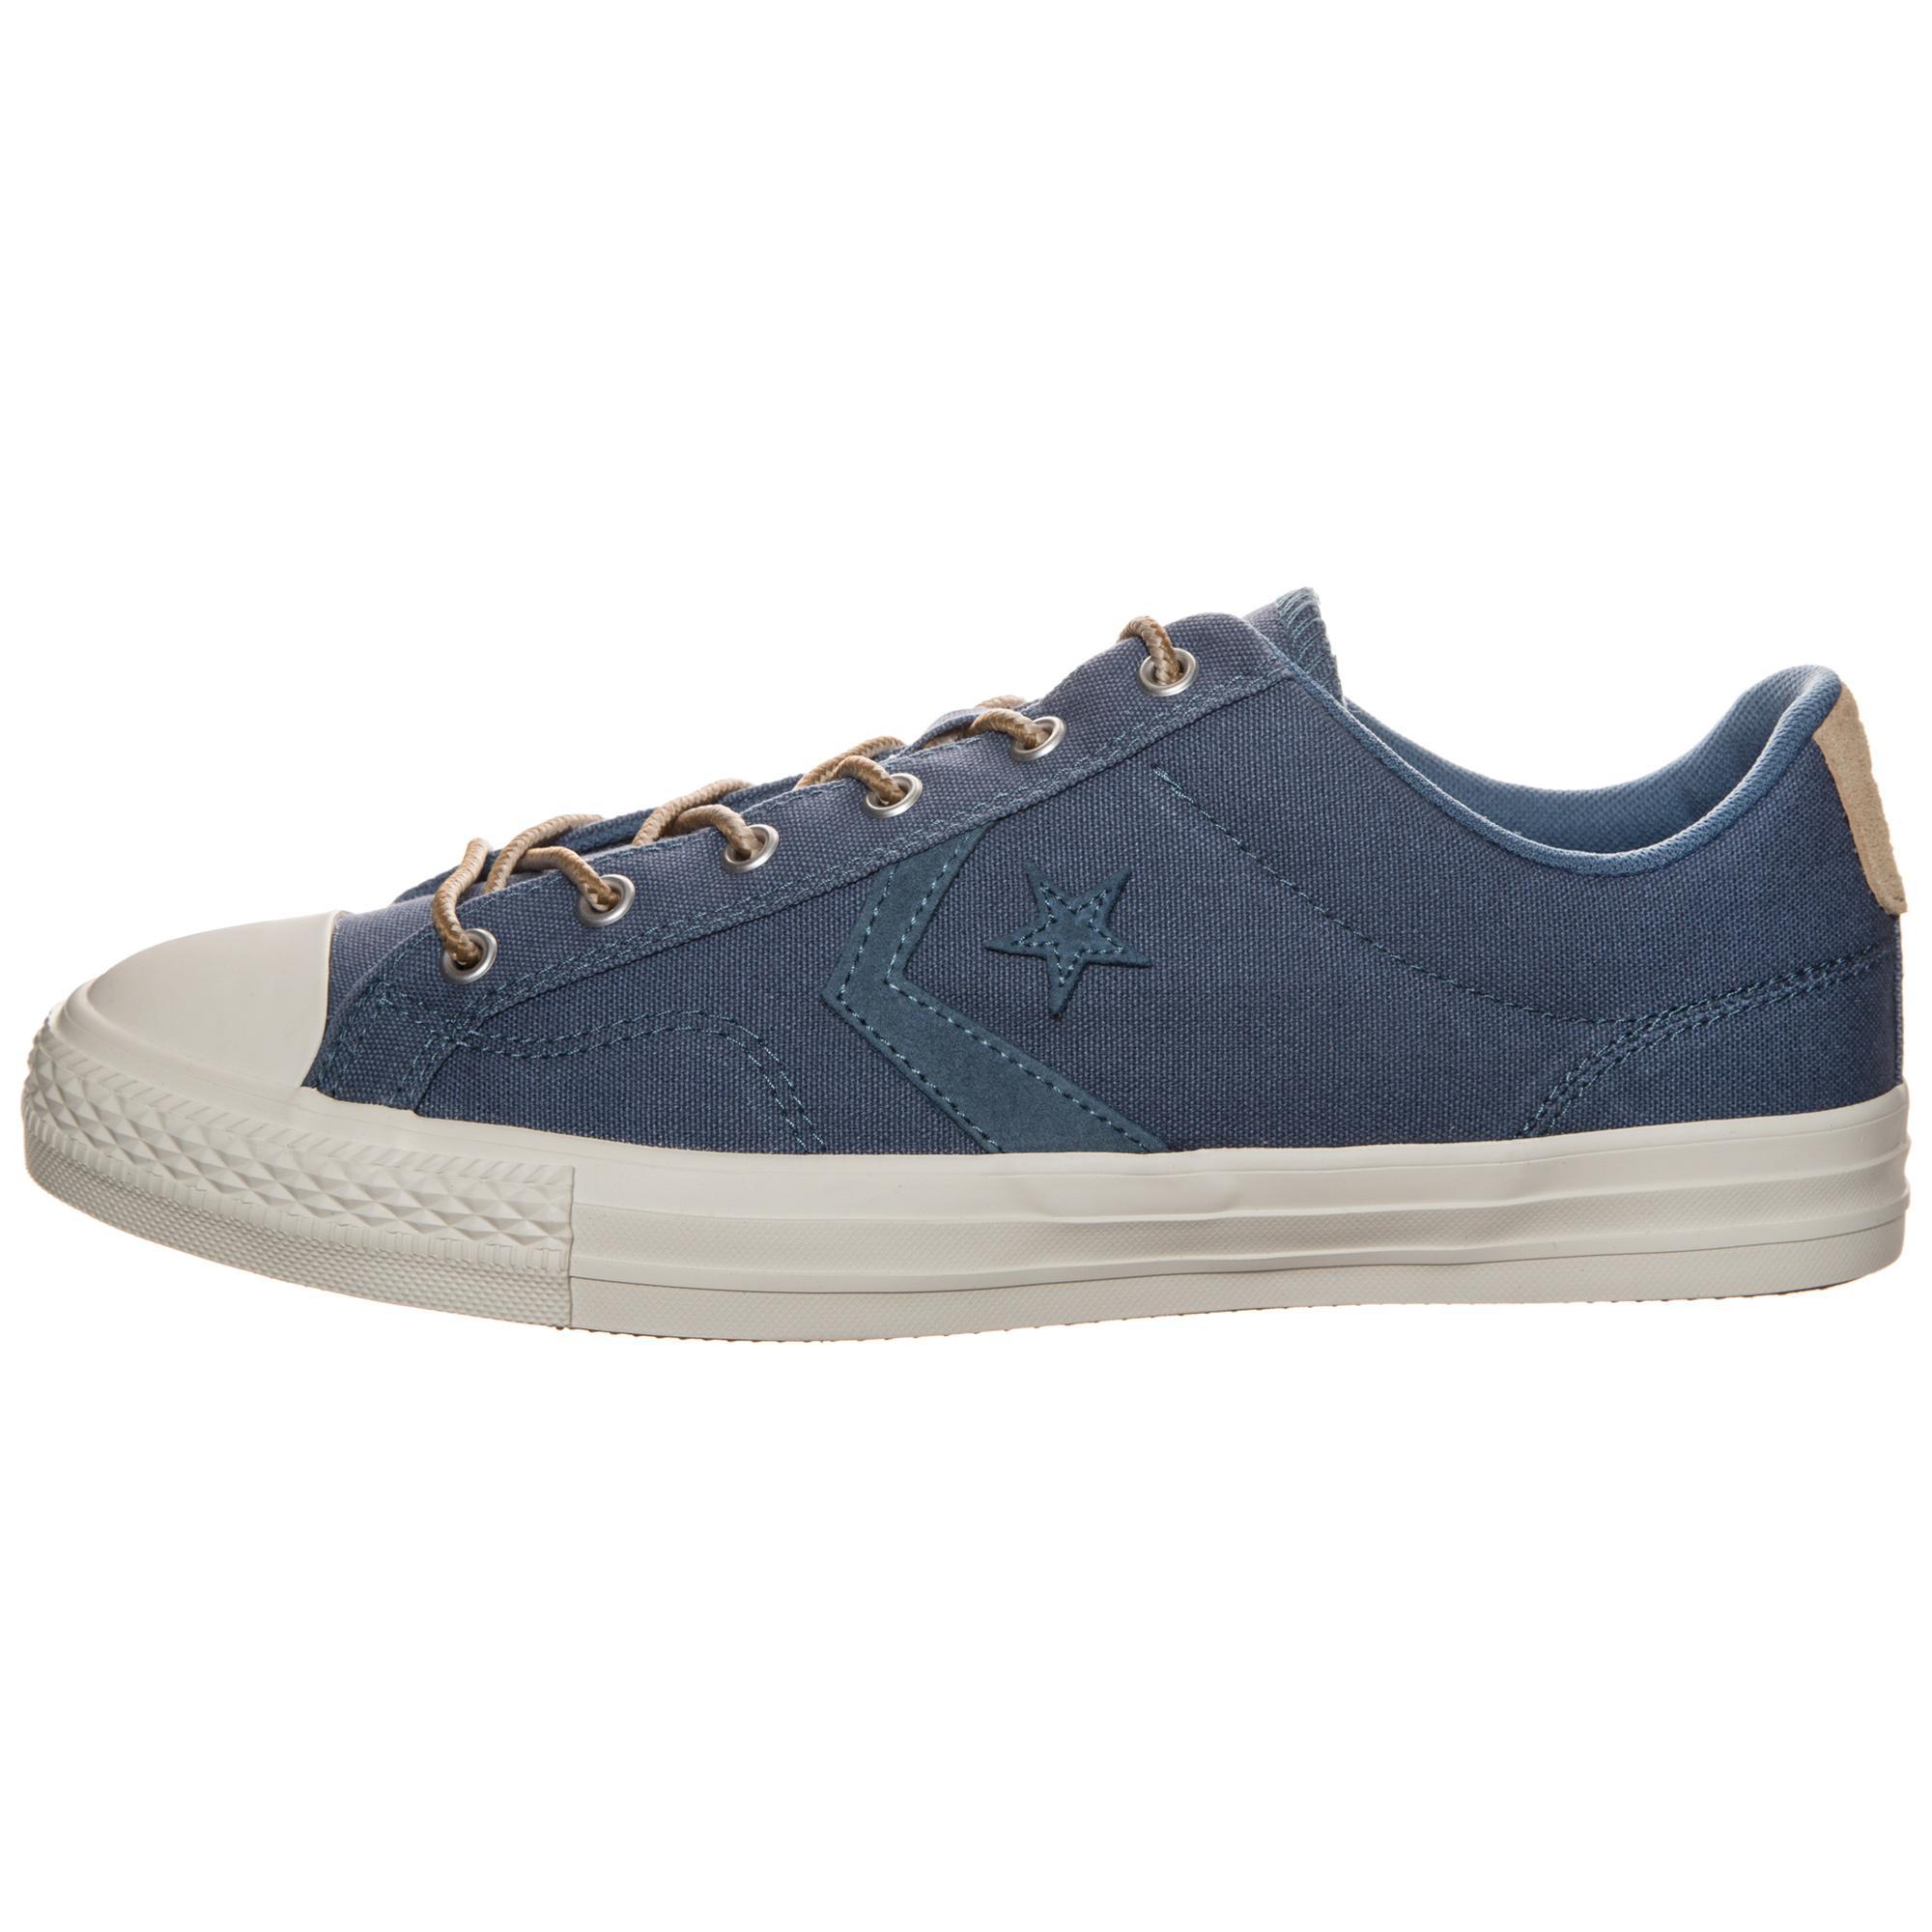 CONVERSE Cons Star Player Turnschuhe Herren blau   khaki Shop im Online Shop khaki von SportScheck kaufen Gute Qualität beliebte Schuhe b20b44